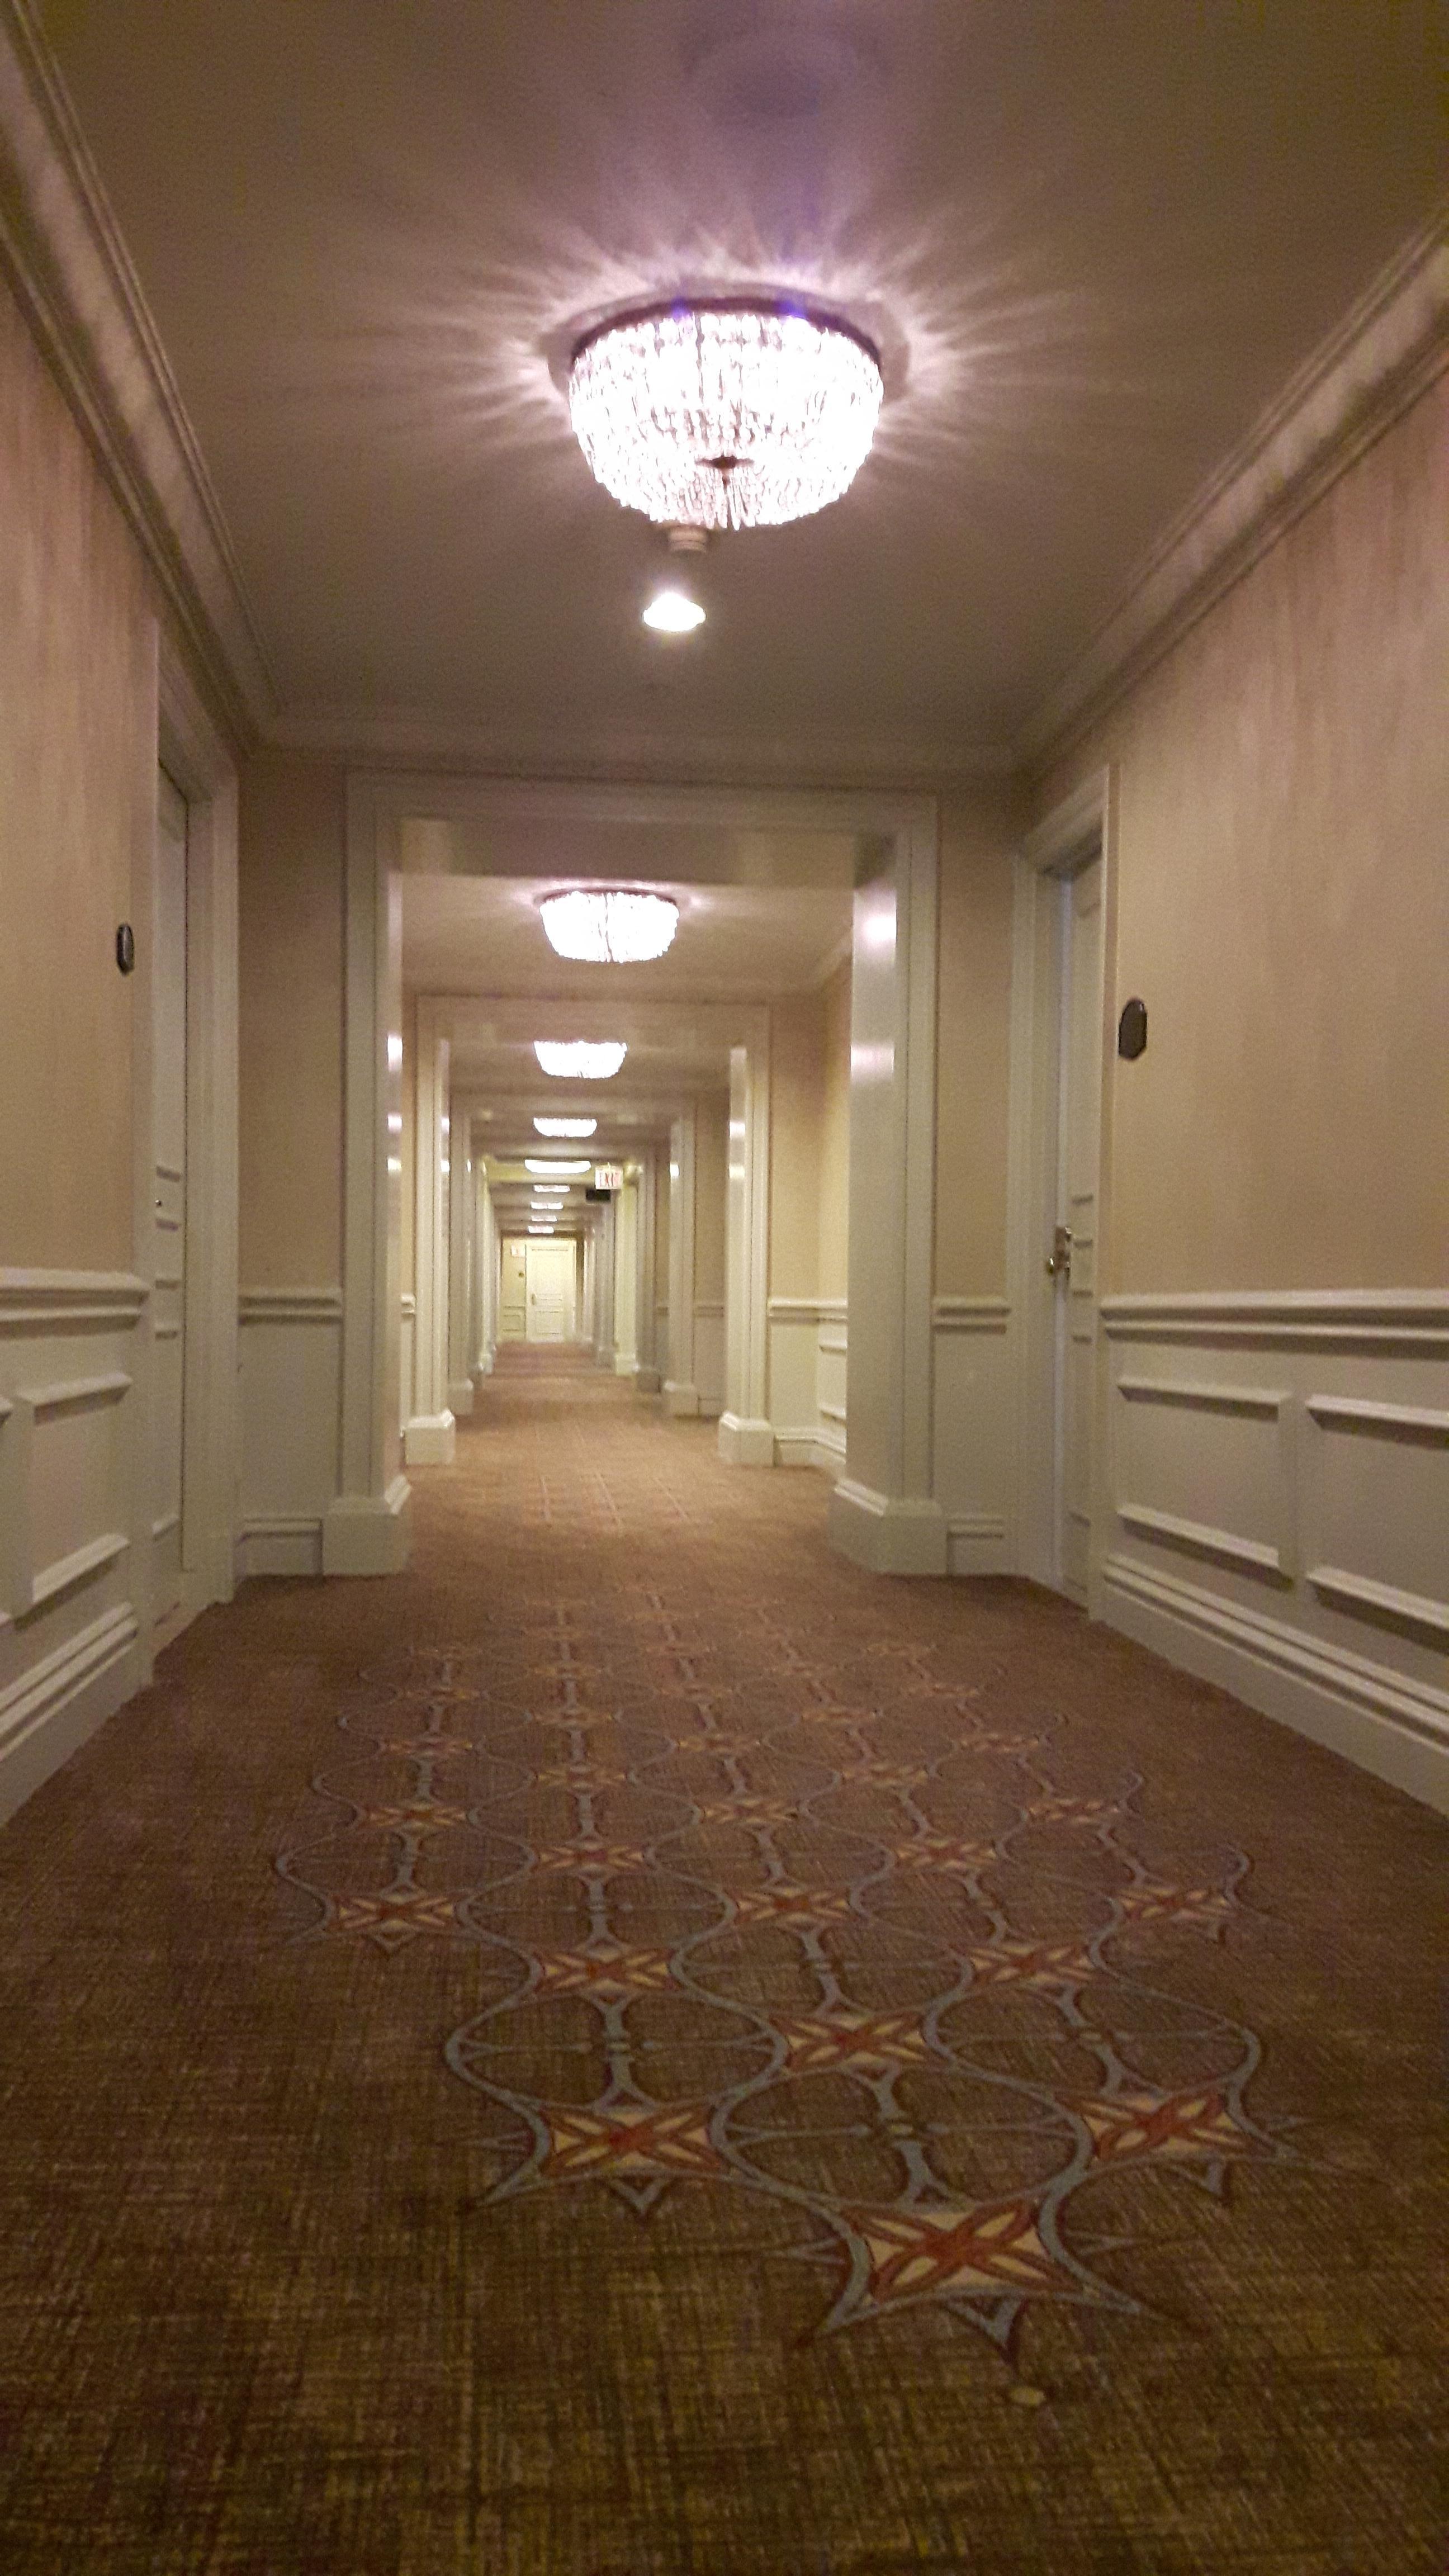 14th floor hallway